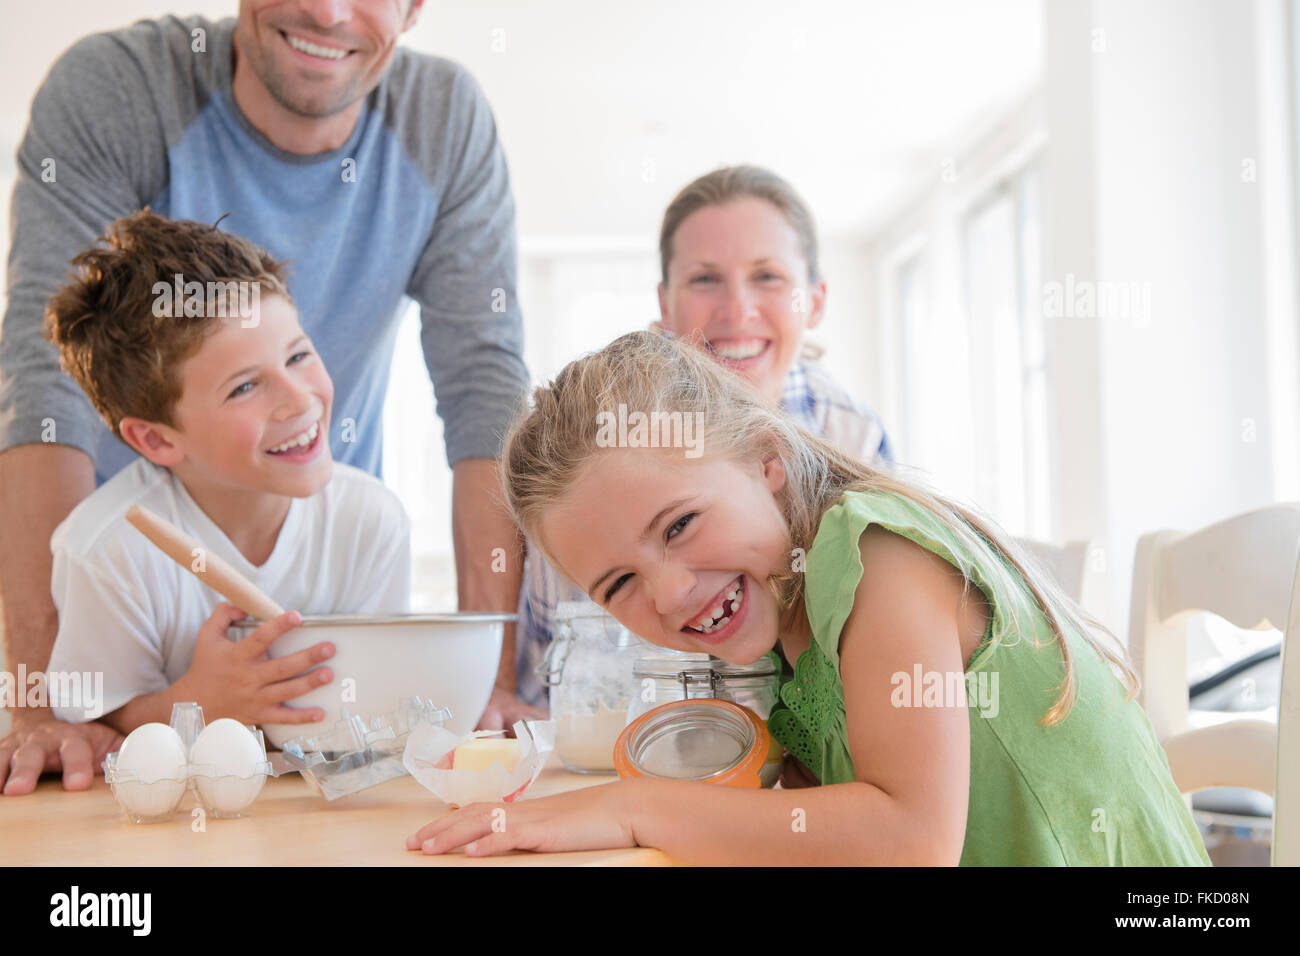 Famille avec deux enfants (6-7, 8-9) de préparer des aliments, rire Photo Stock